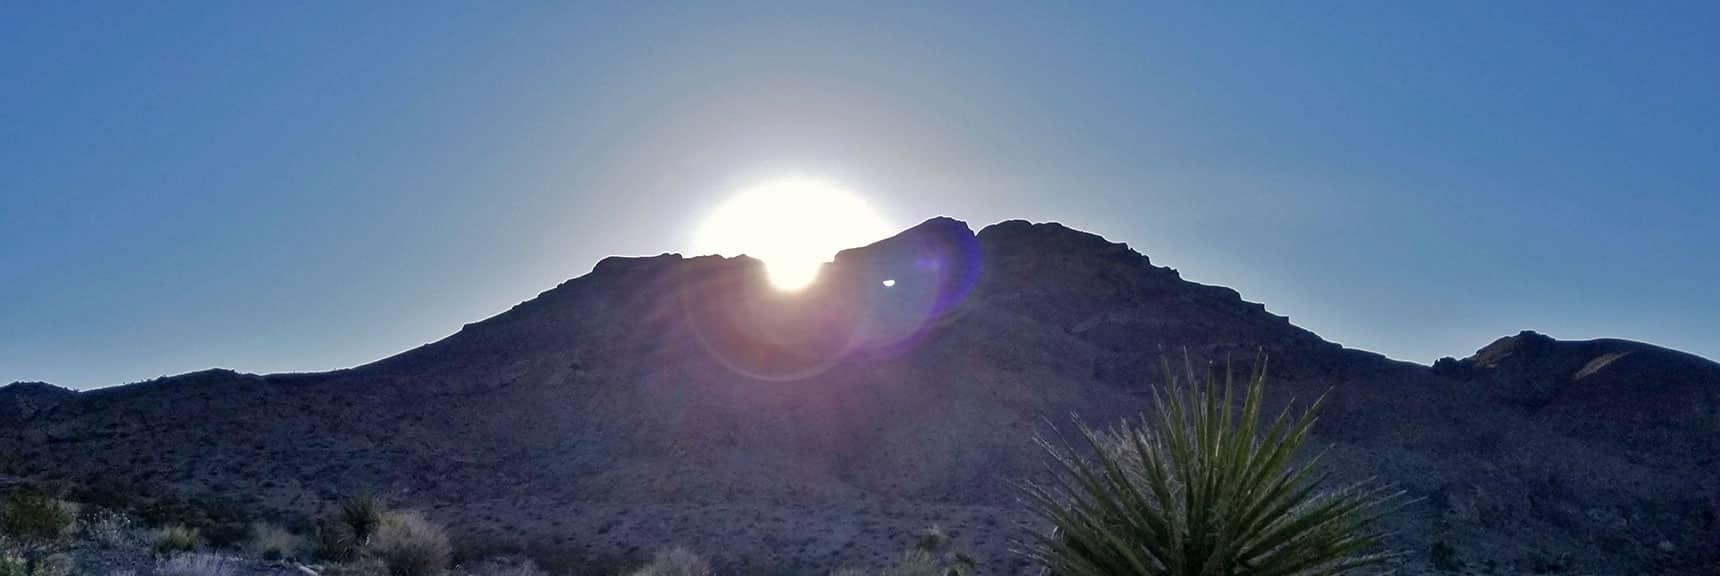 Sunrise Over the West Side of Gass Peak | Gass Peak Eastern Summit Ultra-marathon Adventure, Nevada